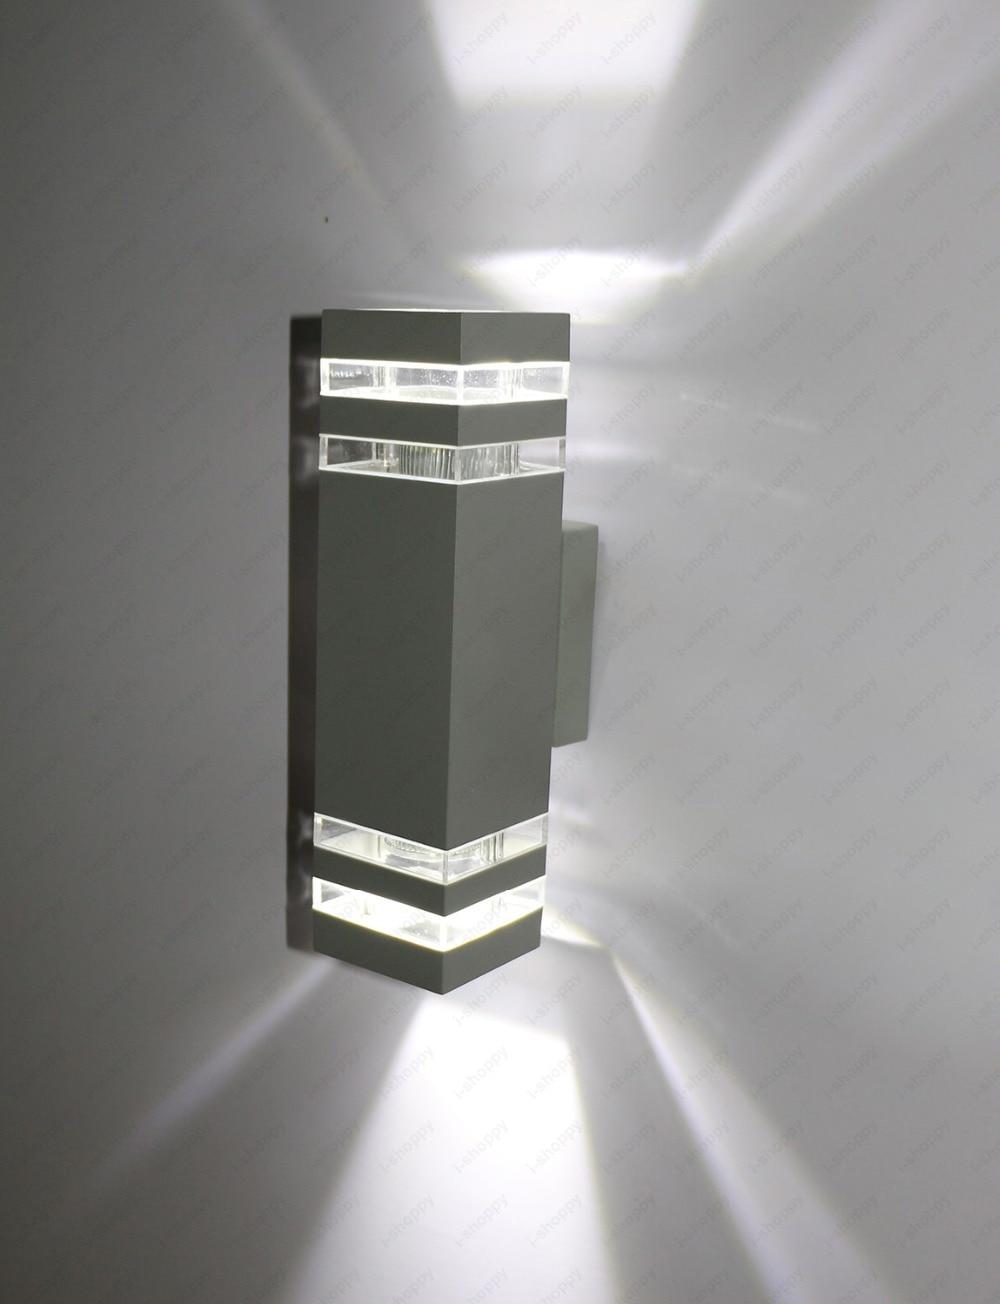 6W8W10W14W LED Outdoor Wall Sconces UpDown Light Waterproof Door Garage Patio Lamp Fixture